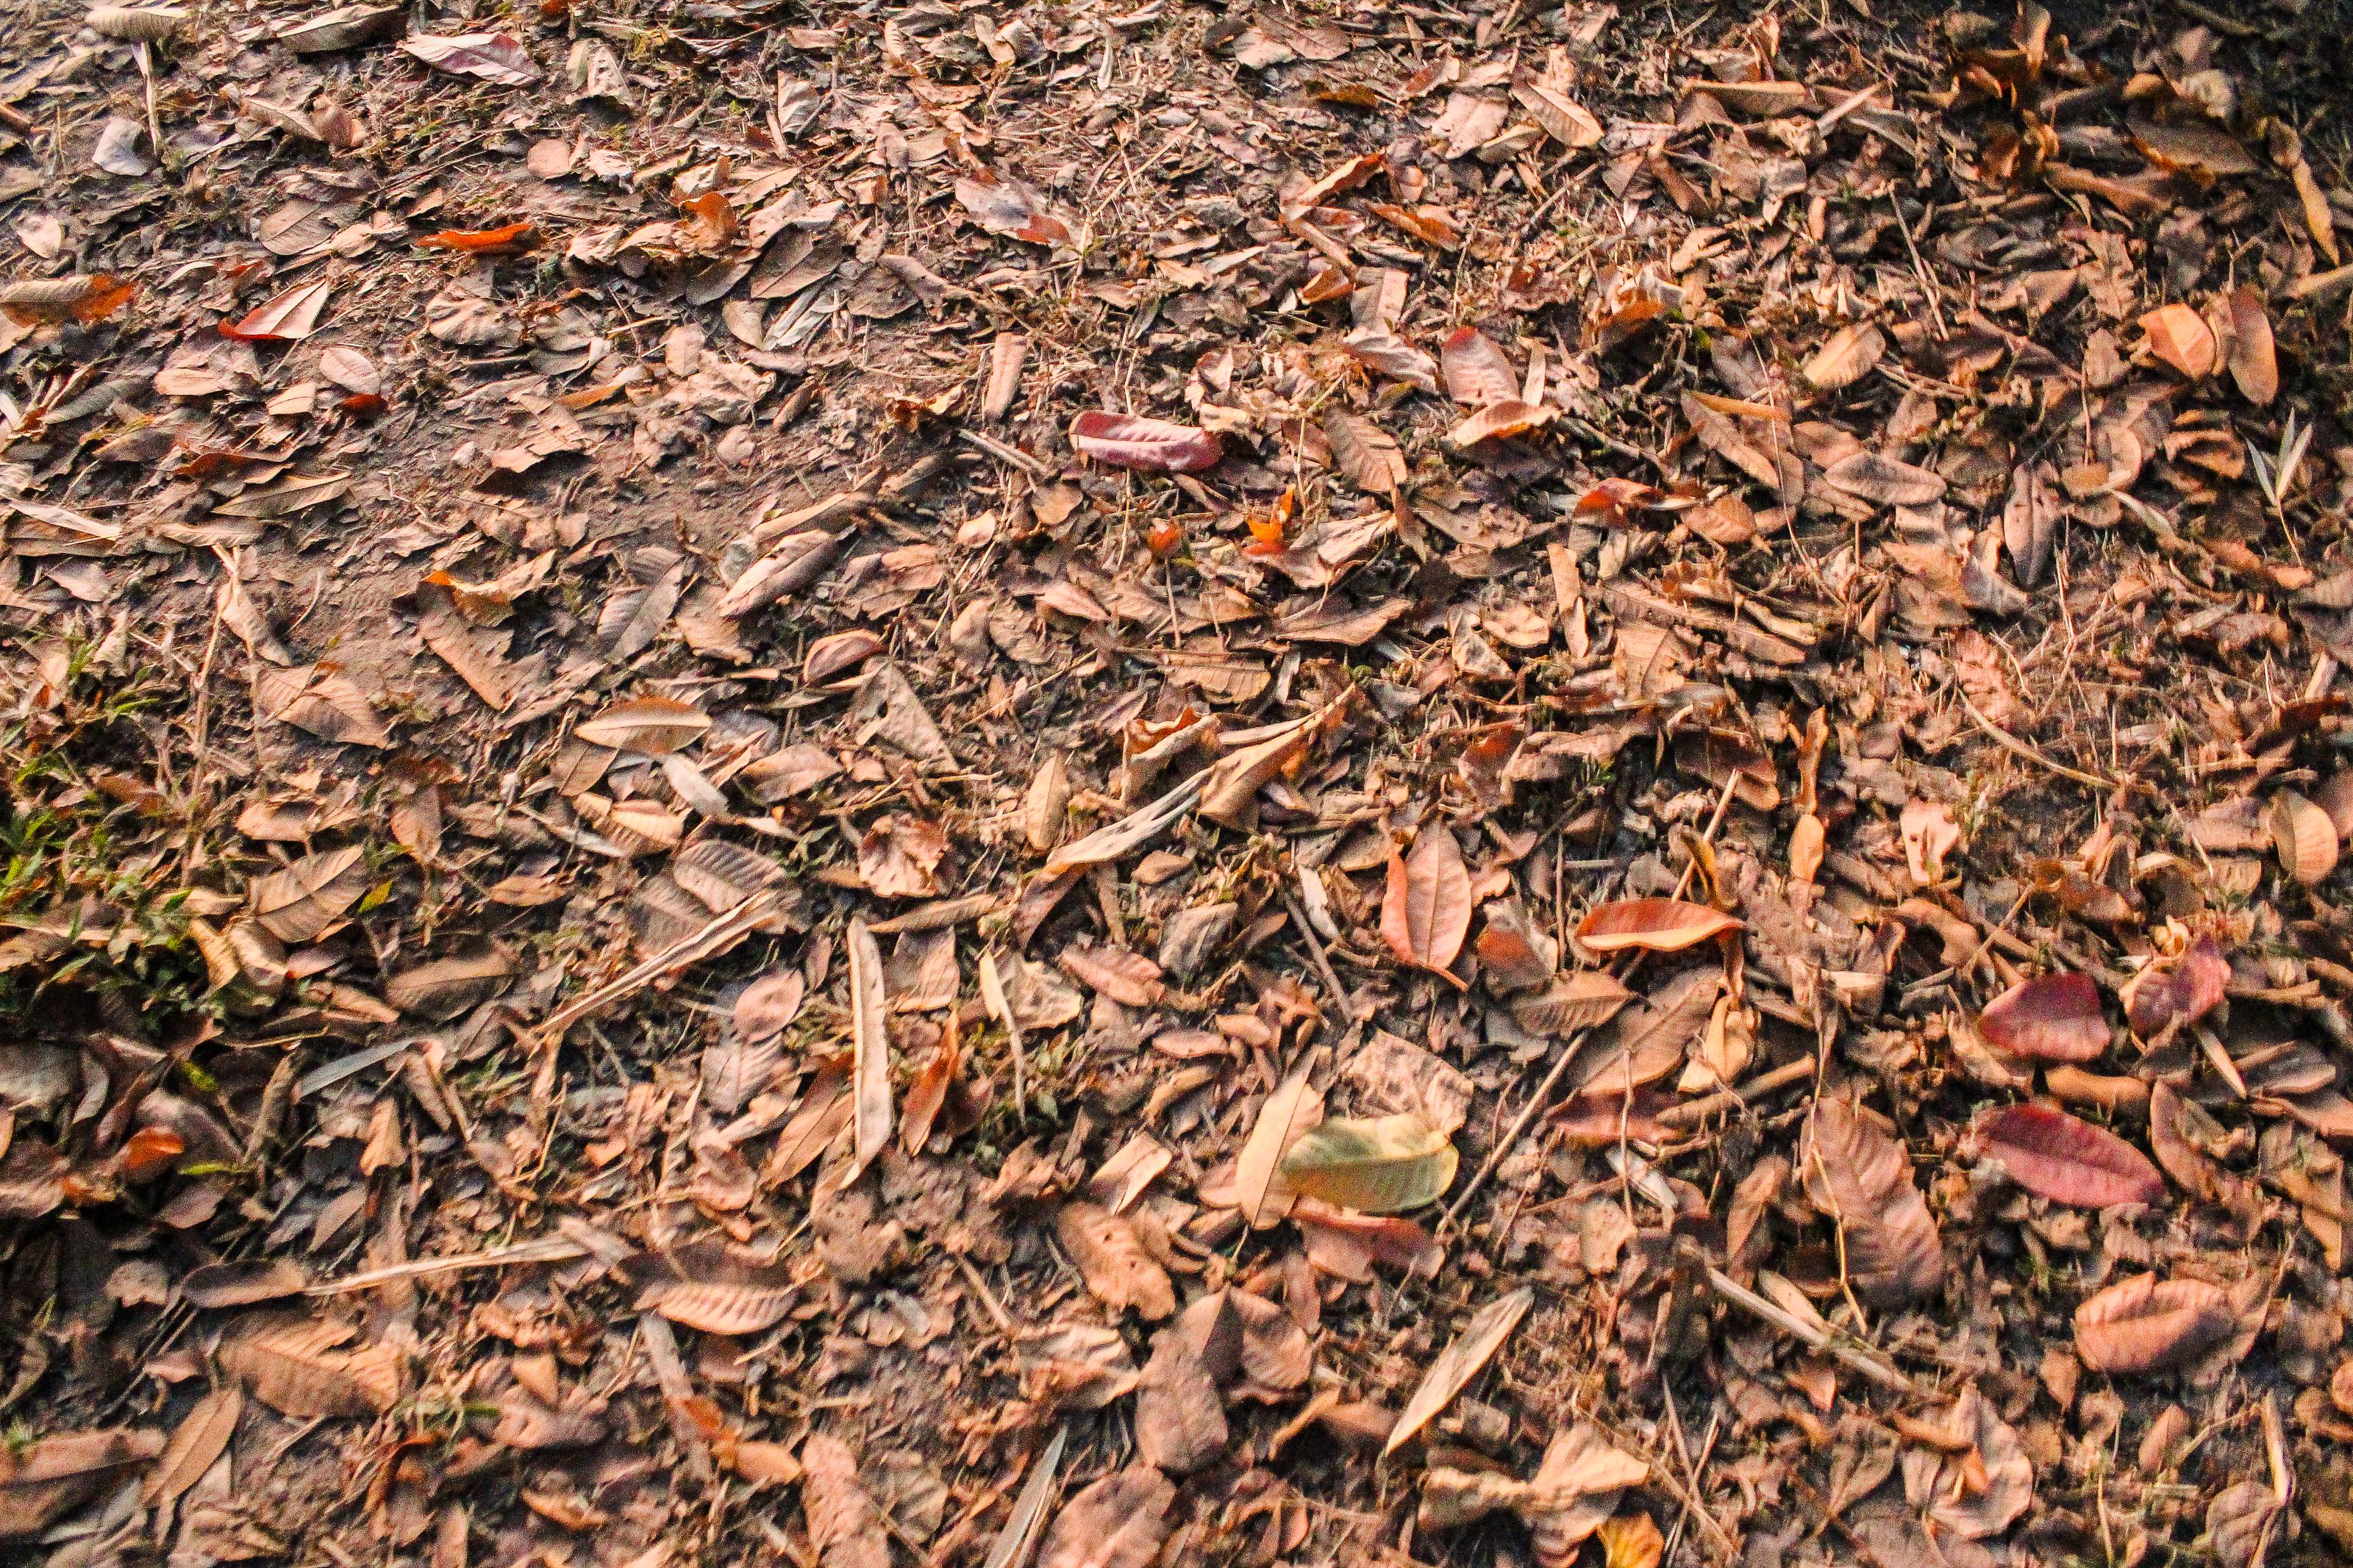 Compost De Feuilles D Érable images gratuites : forêt, beauté, couleur, concept, rural